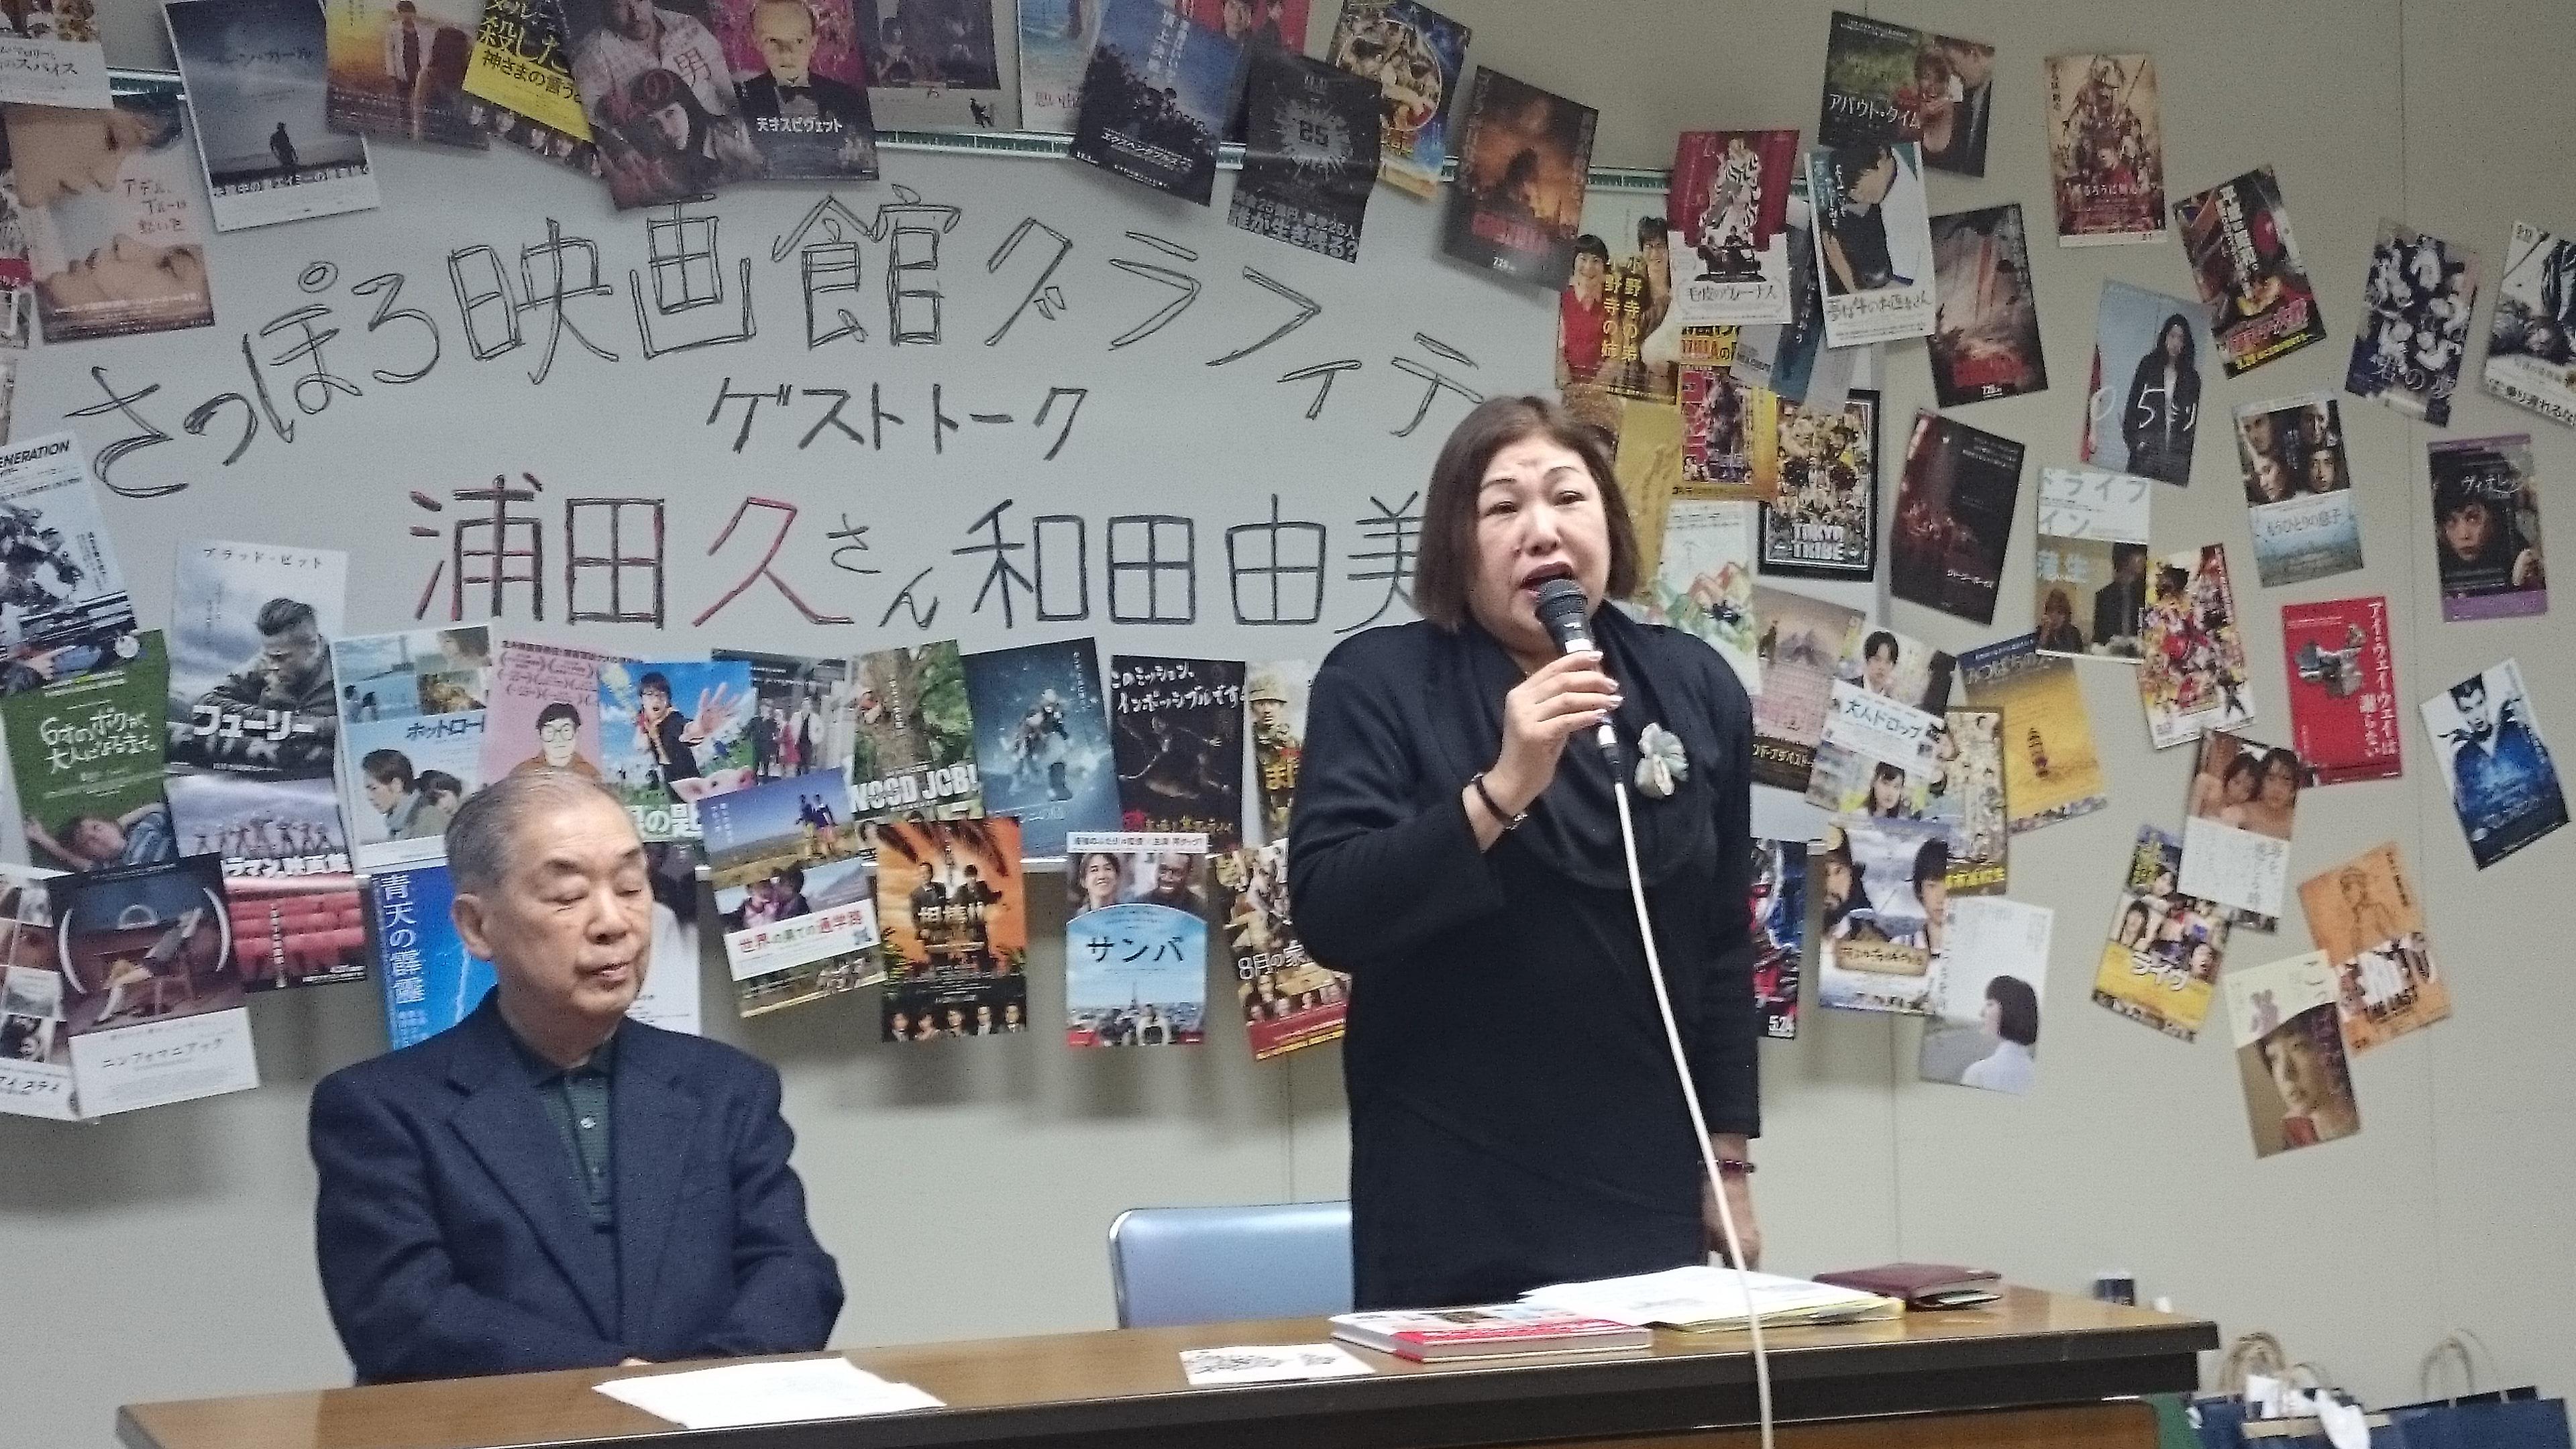 札幌映画サークル新年会で〝出張...